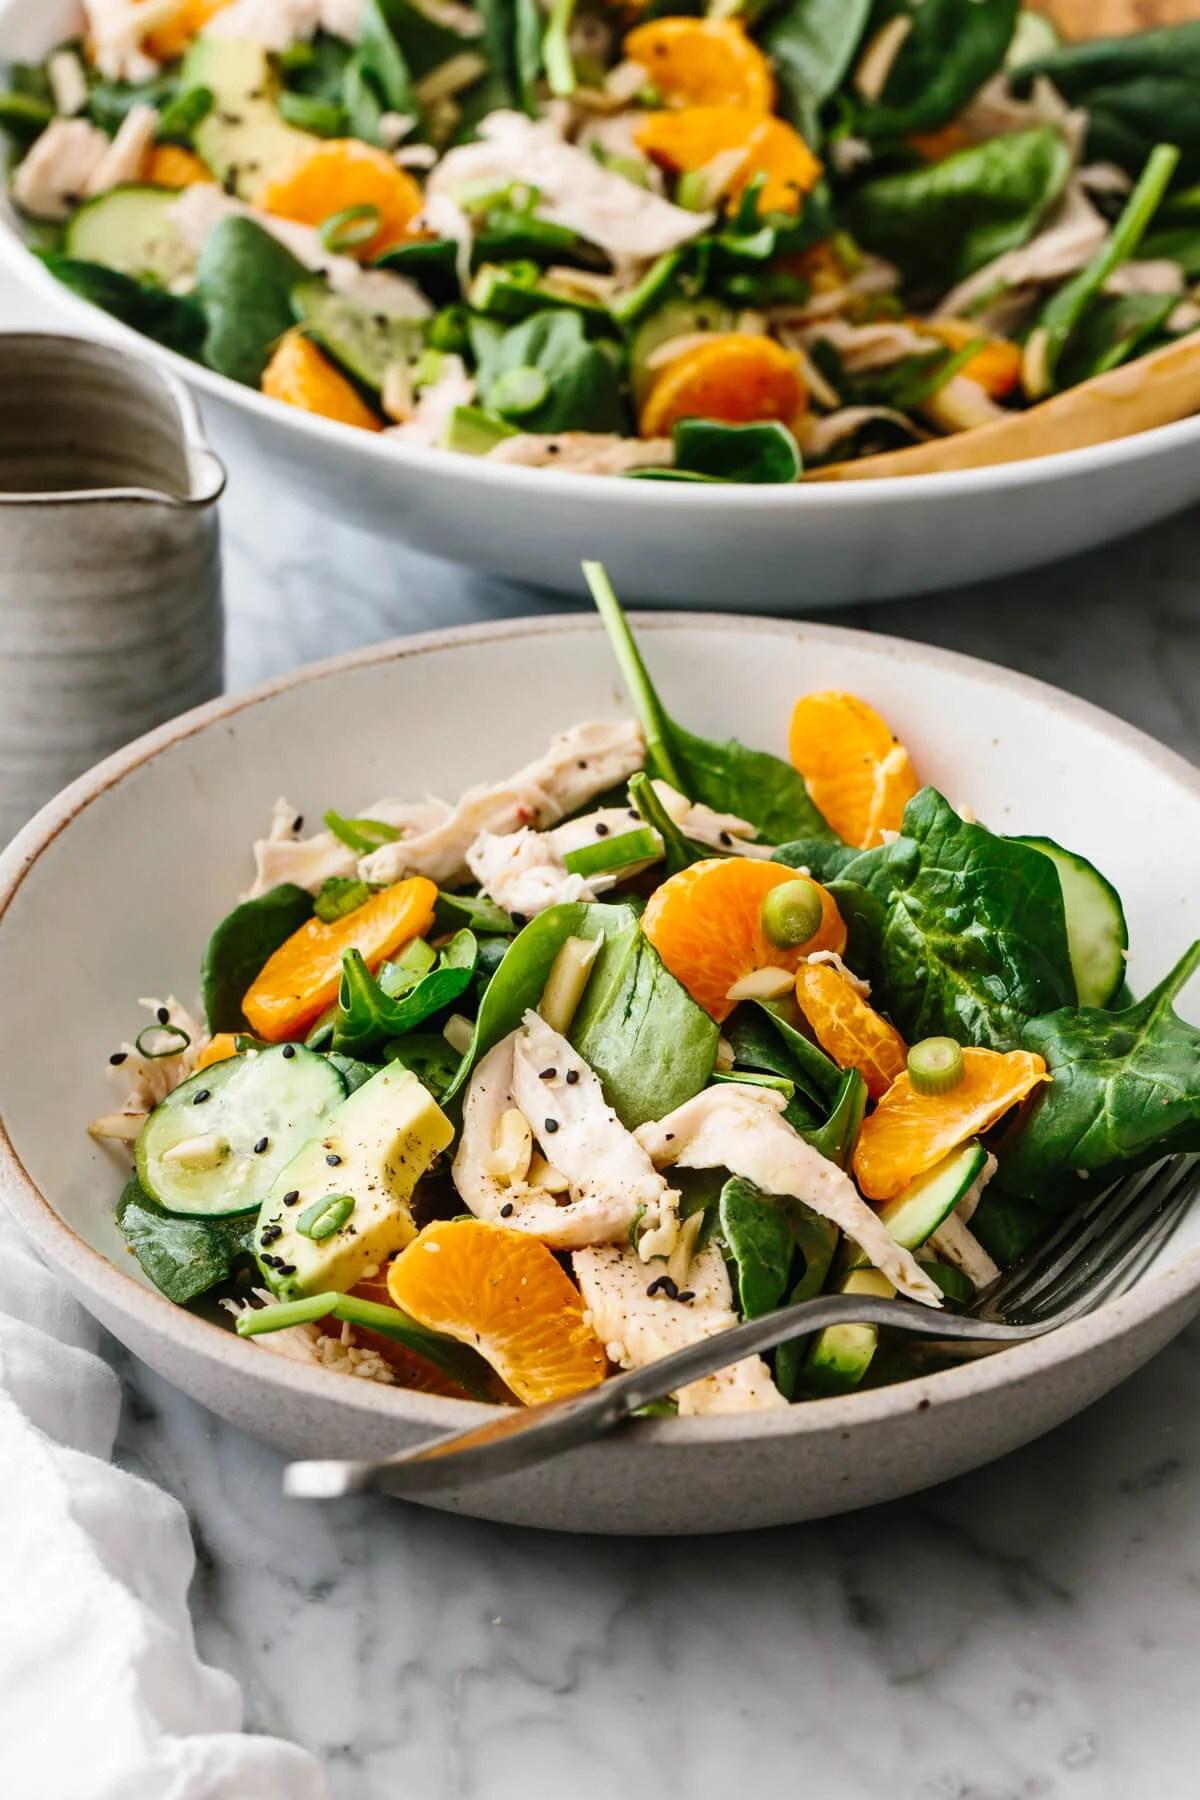 Mandarin chicken salad in a bowl.